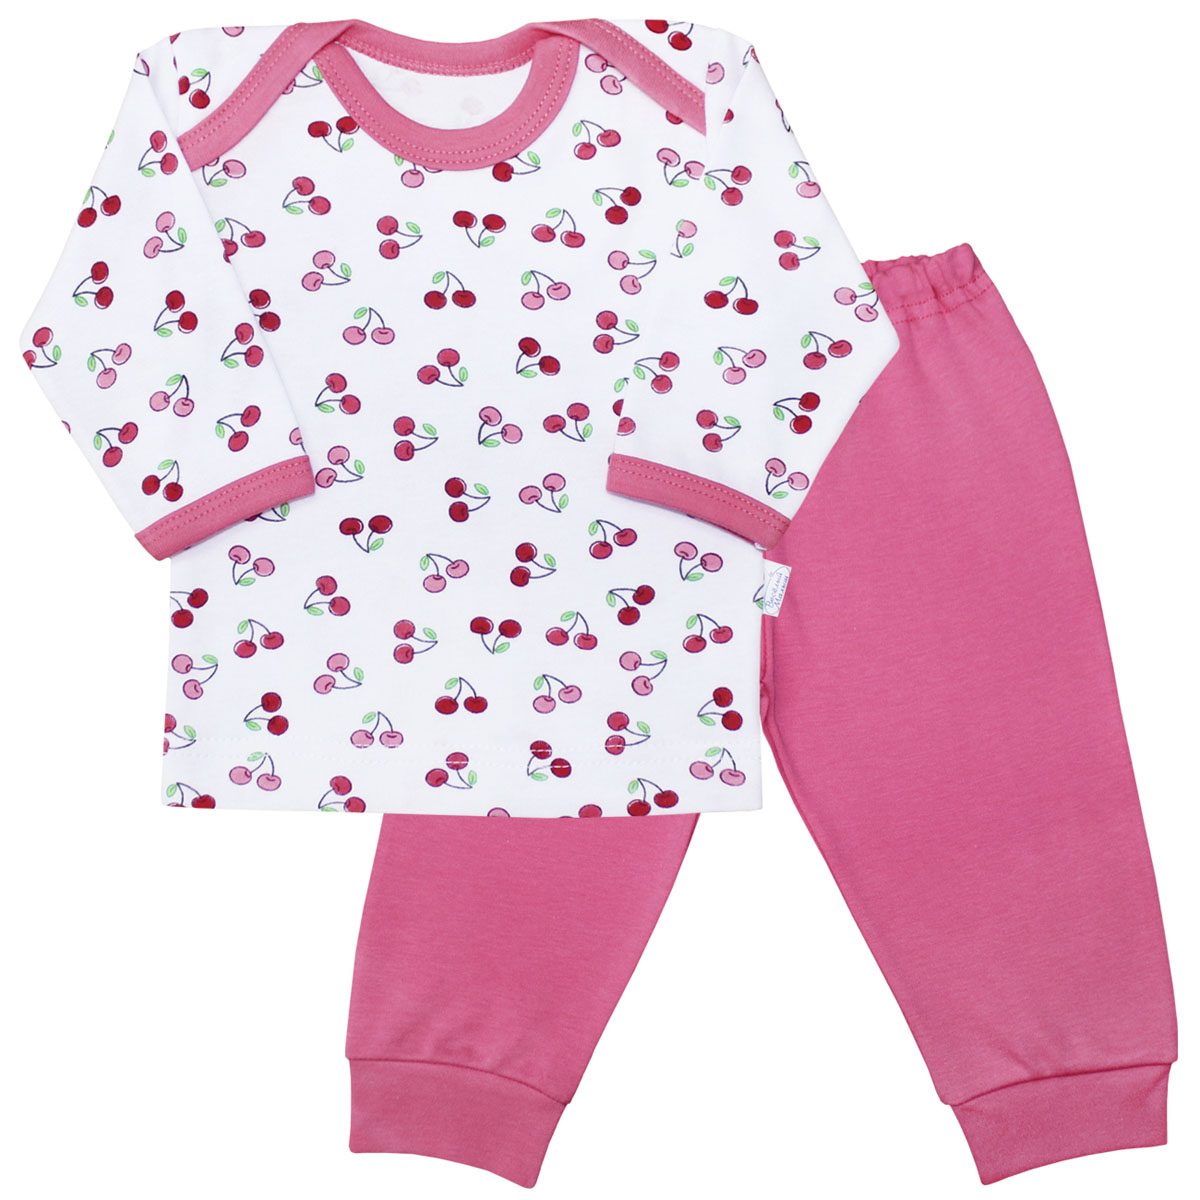 Пижама для девочки Веселый малыш Спелая вишня, цвет: розовый. 623332/св-C (1). Размер 68623332Пижама для девочки Веселый малыш выполнена из качественного материала и состоит из лонгслива и брюк. Лонгслив с длинными рукавами и круглым вырезом горловины. Брюки понизу дополнены манжетами.